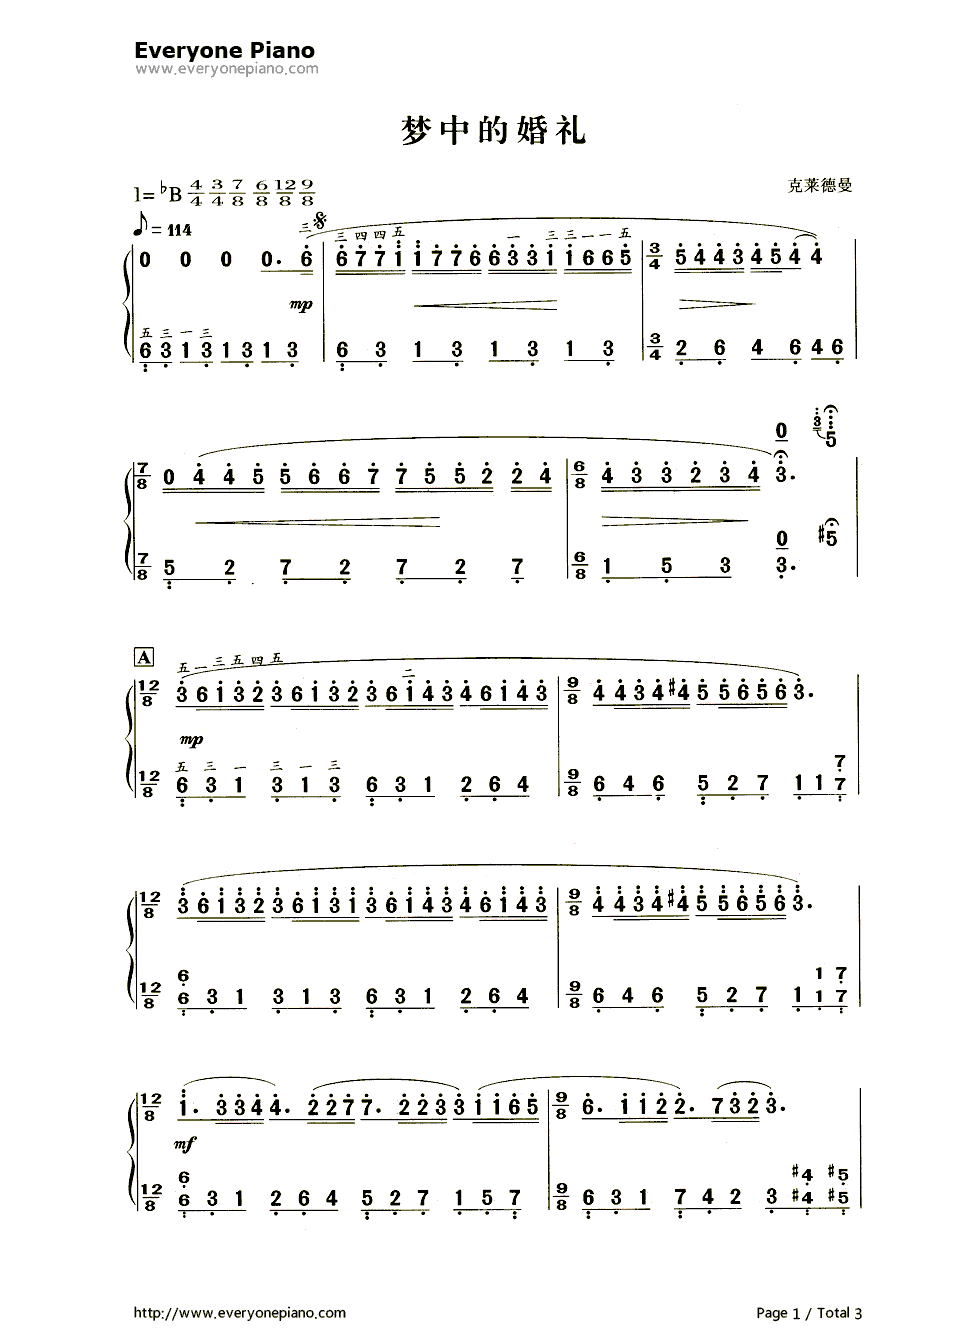 夢中的婚禮鋼琴曲簡譜!急圖片